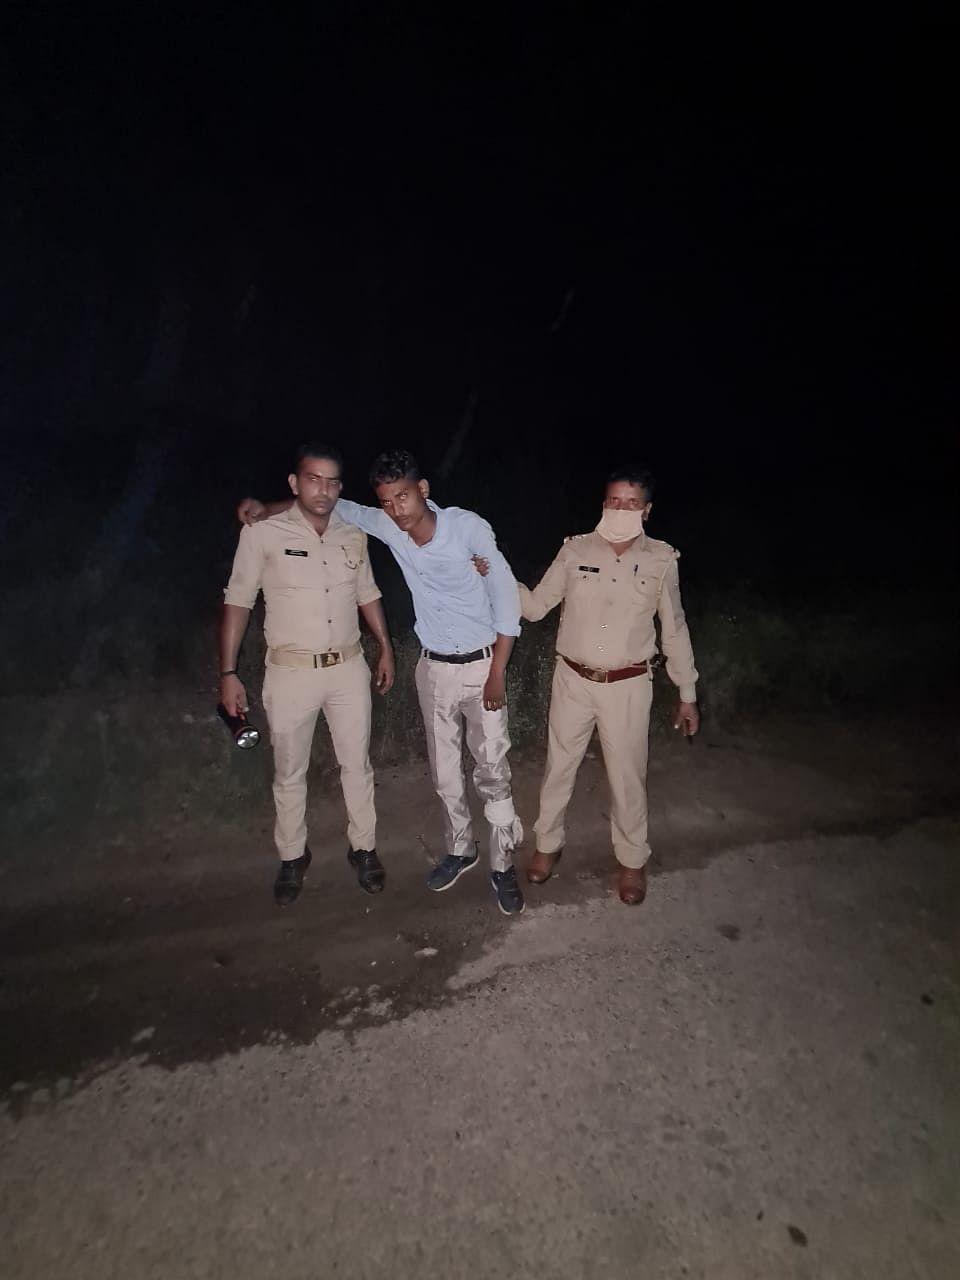 पुलिस मुठभेड़ में पकड़ा गया हाबुड़ा गैंग का सदस्य, दो बदमाश फरार